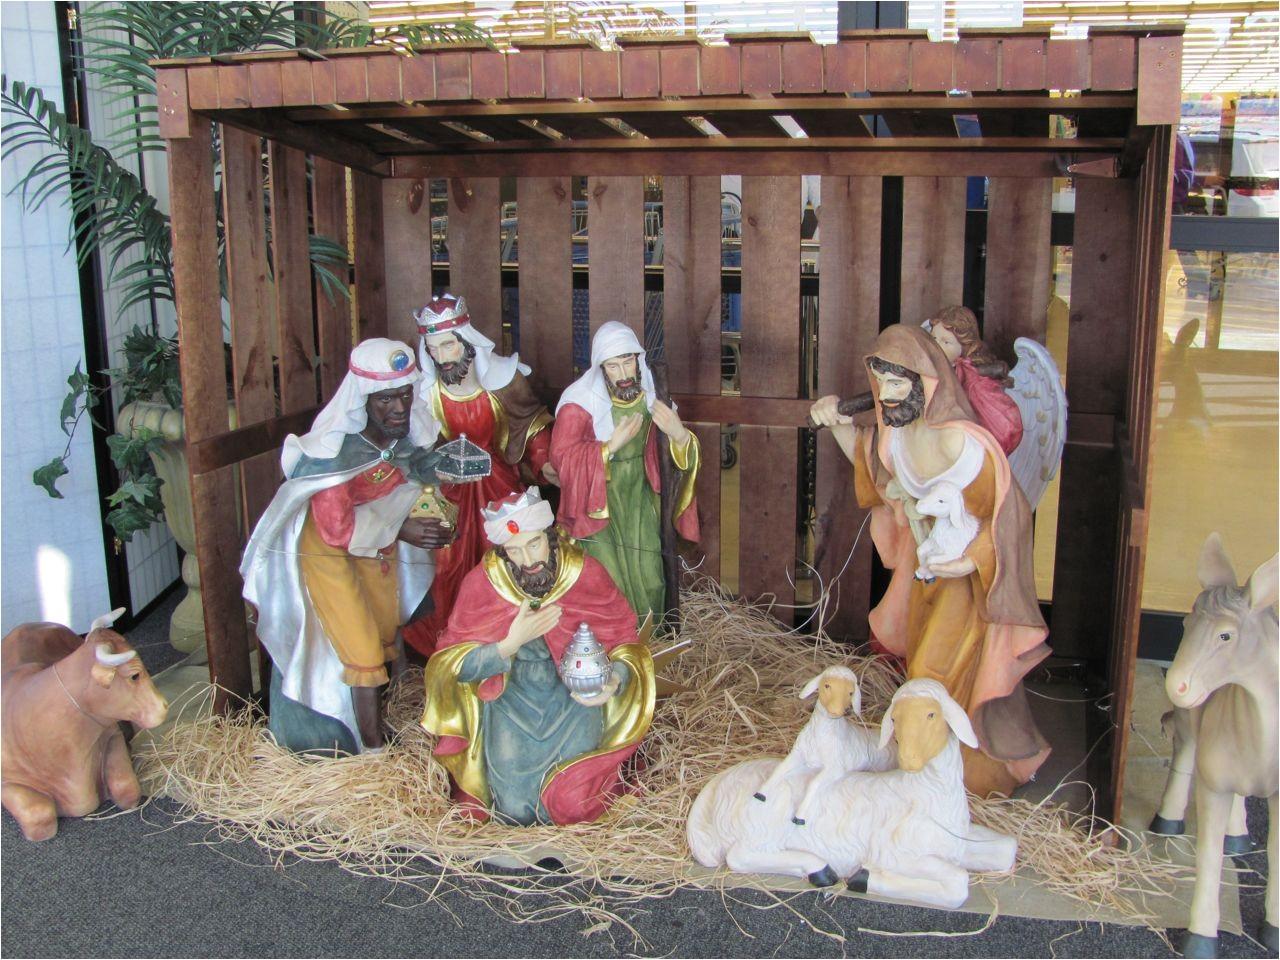 Large Outdoor Nativity Sets Hobby Lobby Hobby Lobby Outdoor Nativity Sets Myideasbedroom Com